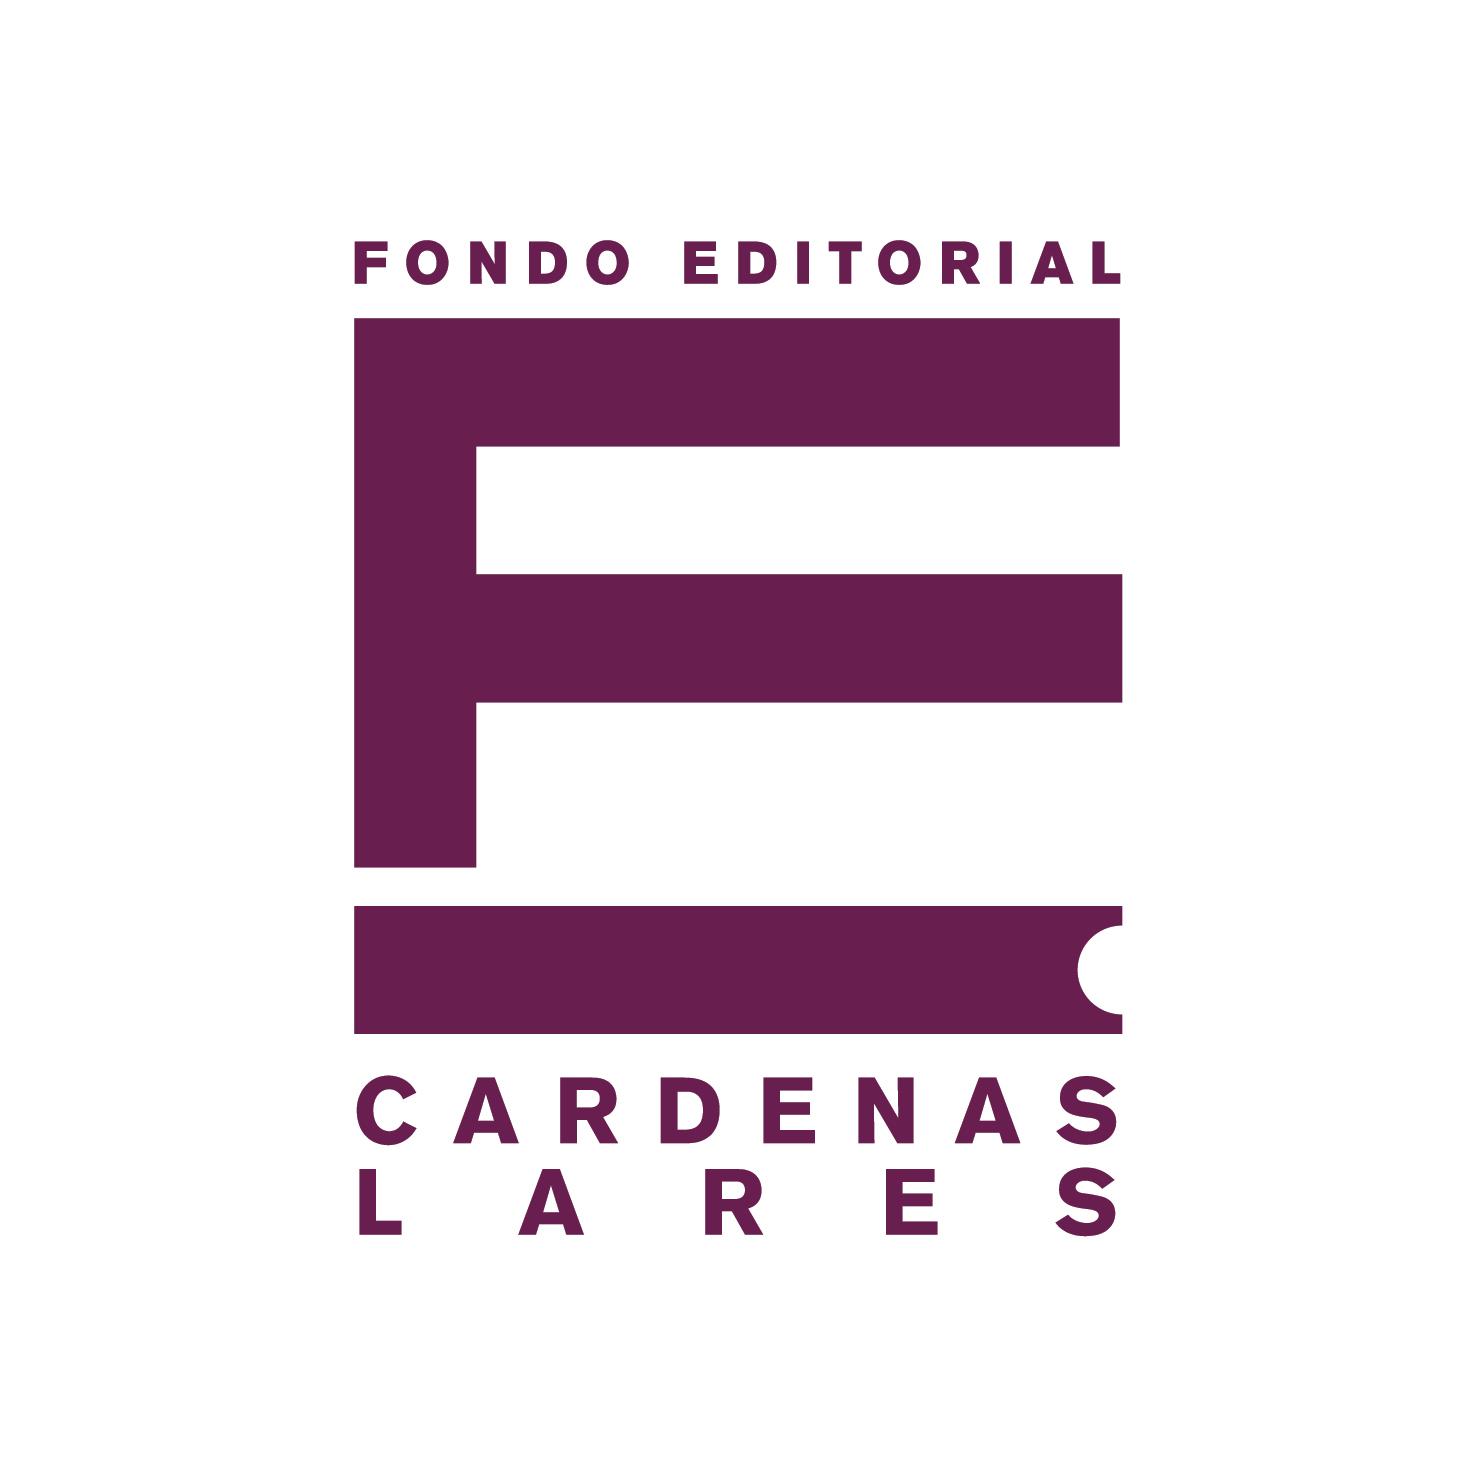 FONDO EDITORIAL CARDENAS LARES